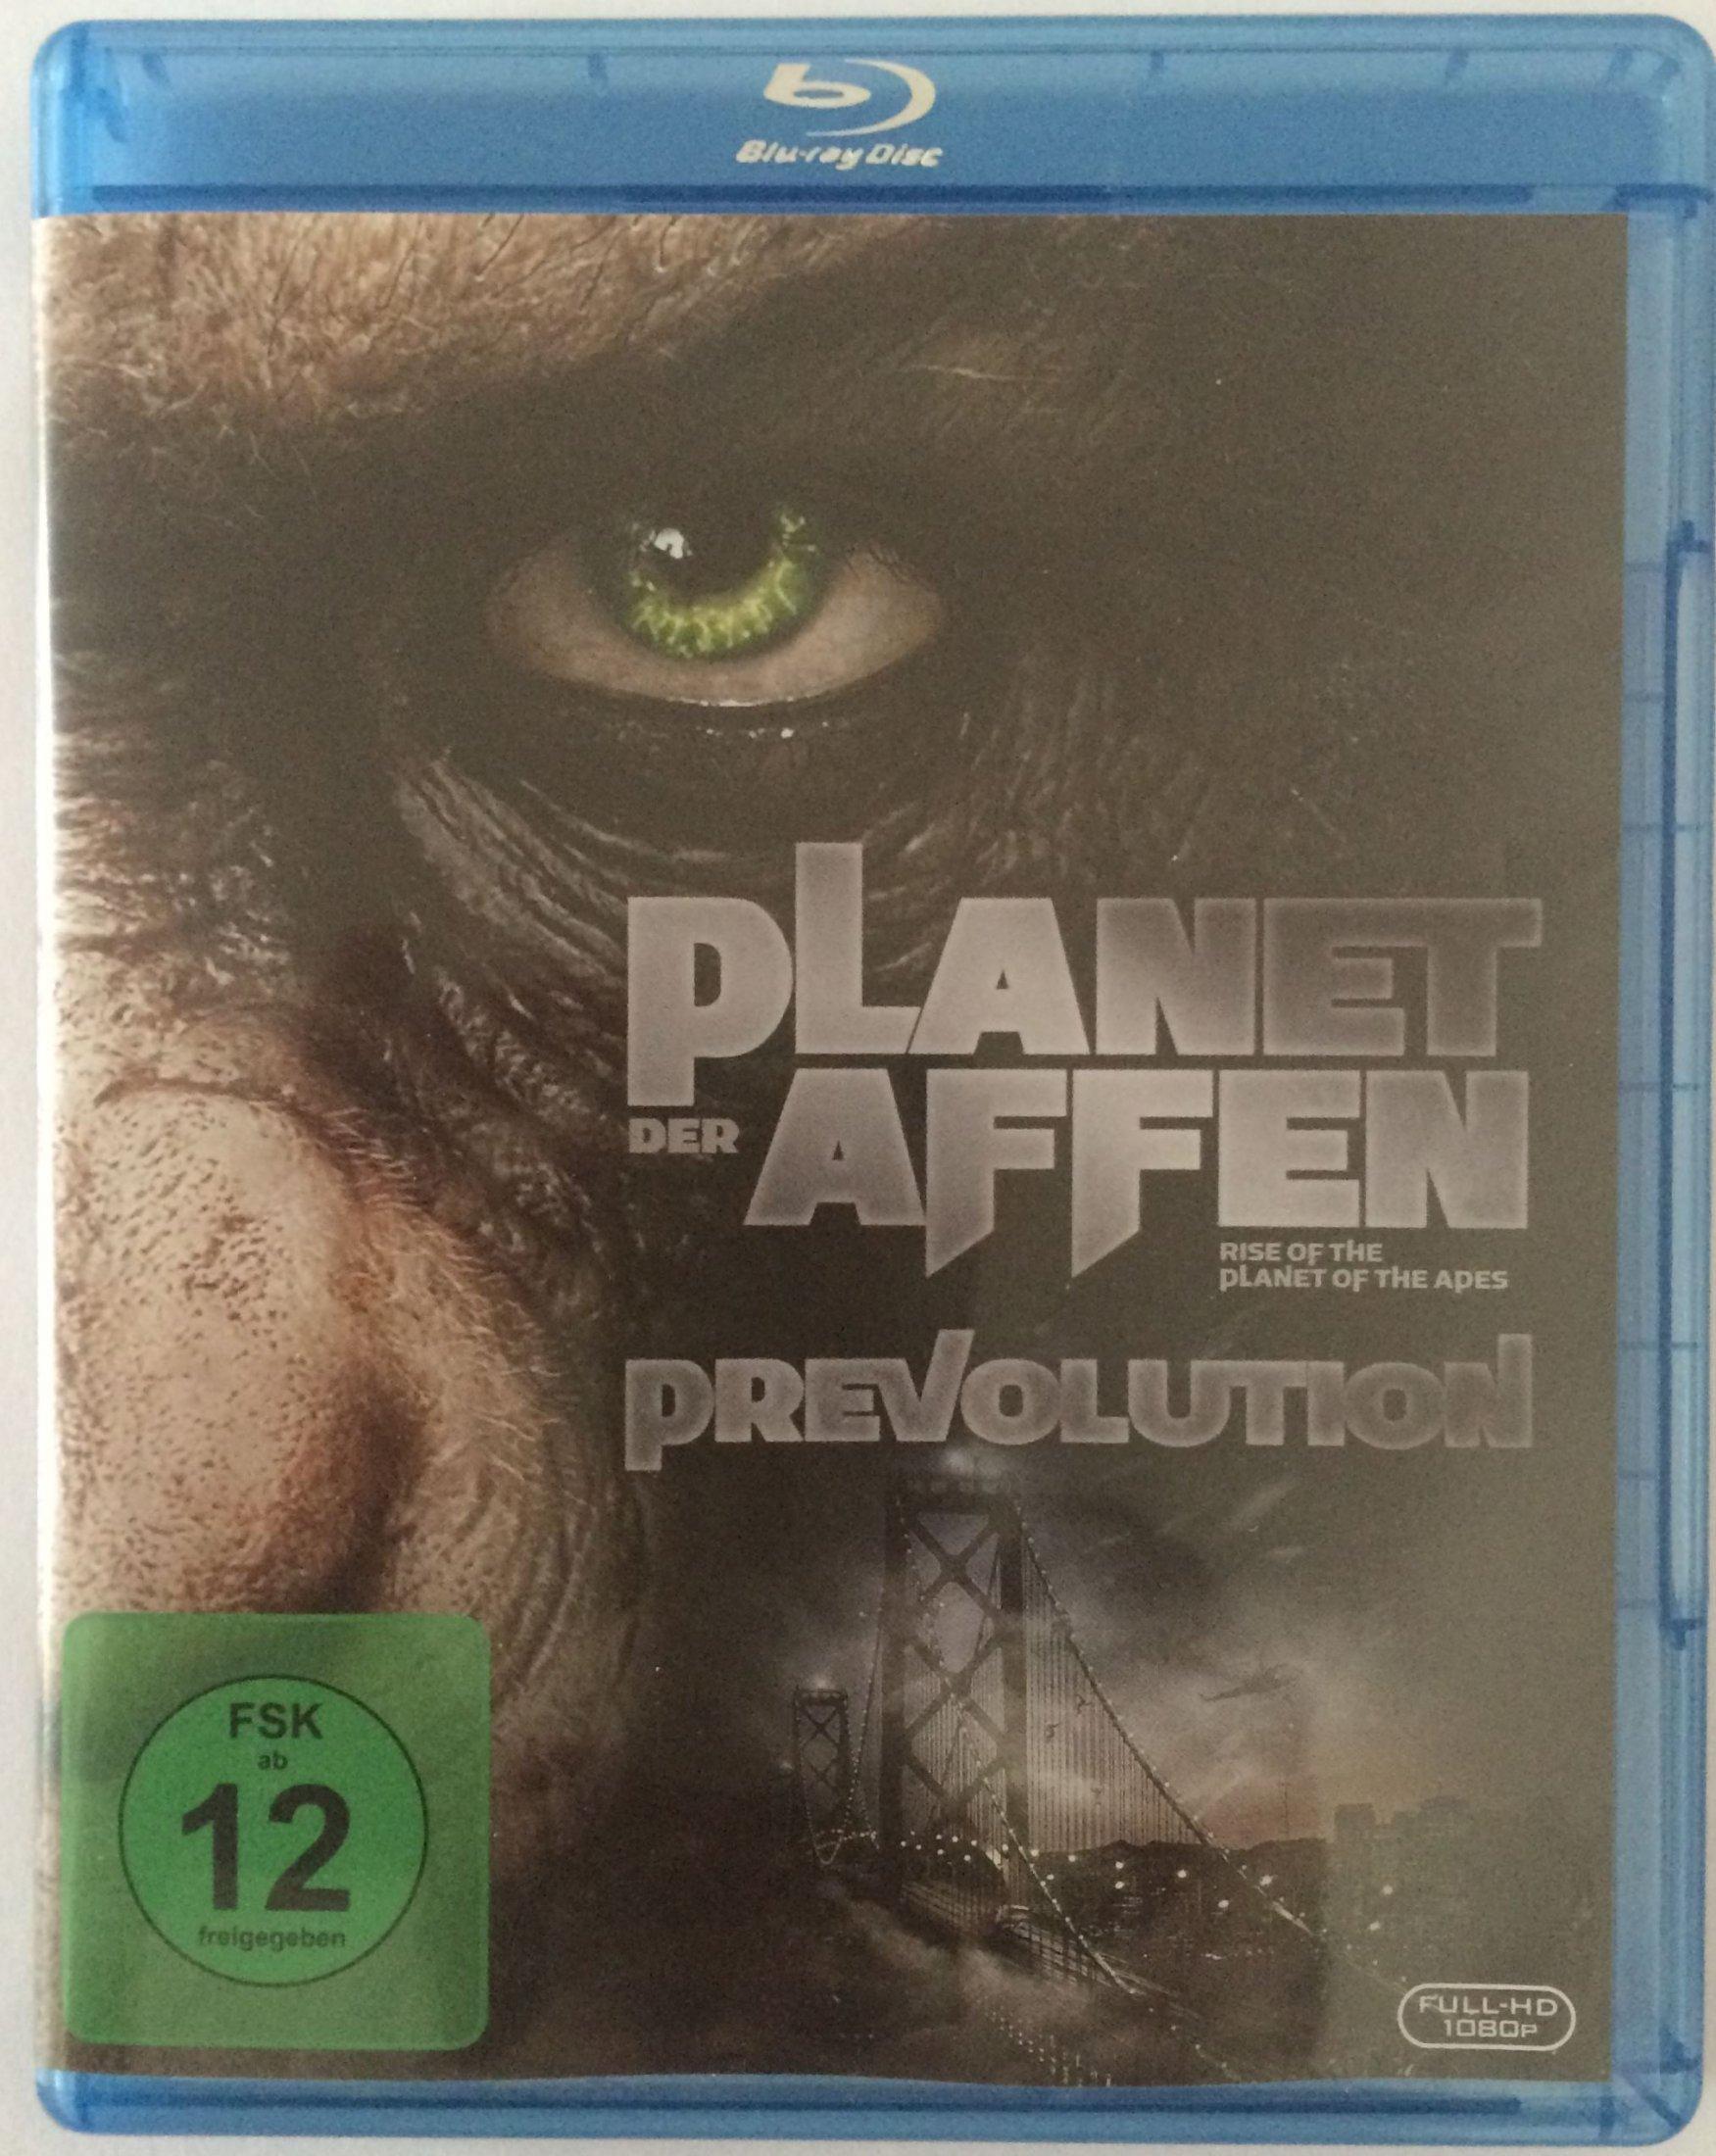 Planet der Affen -Prevolution Front